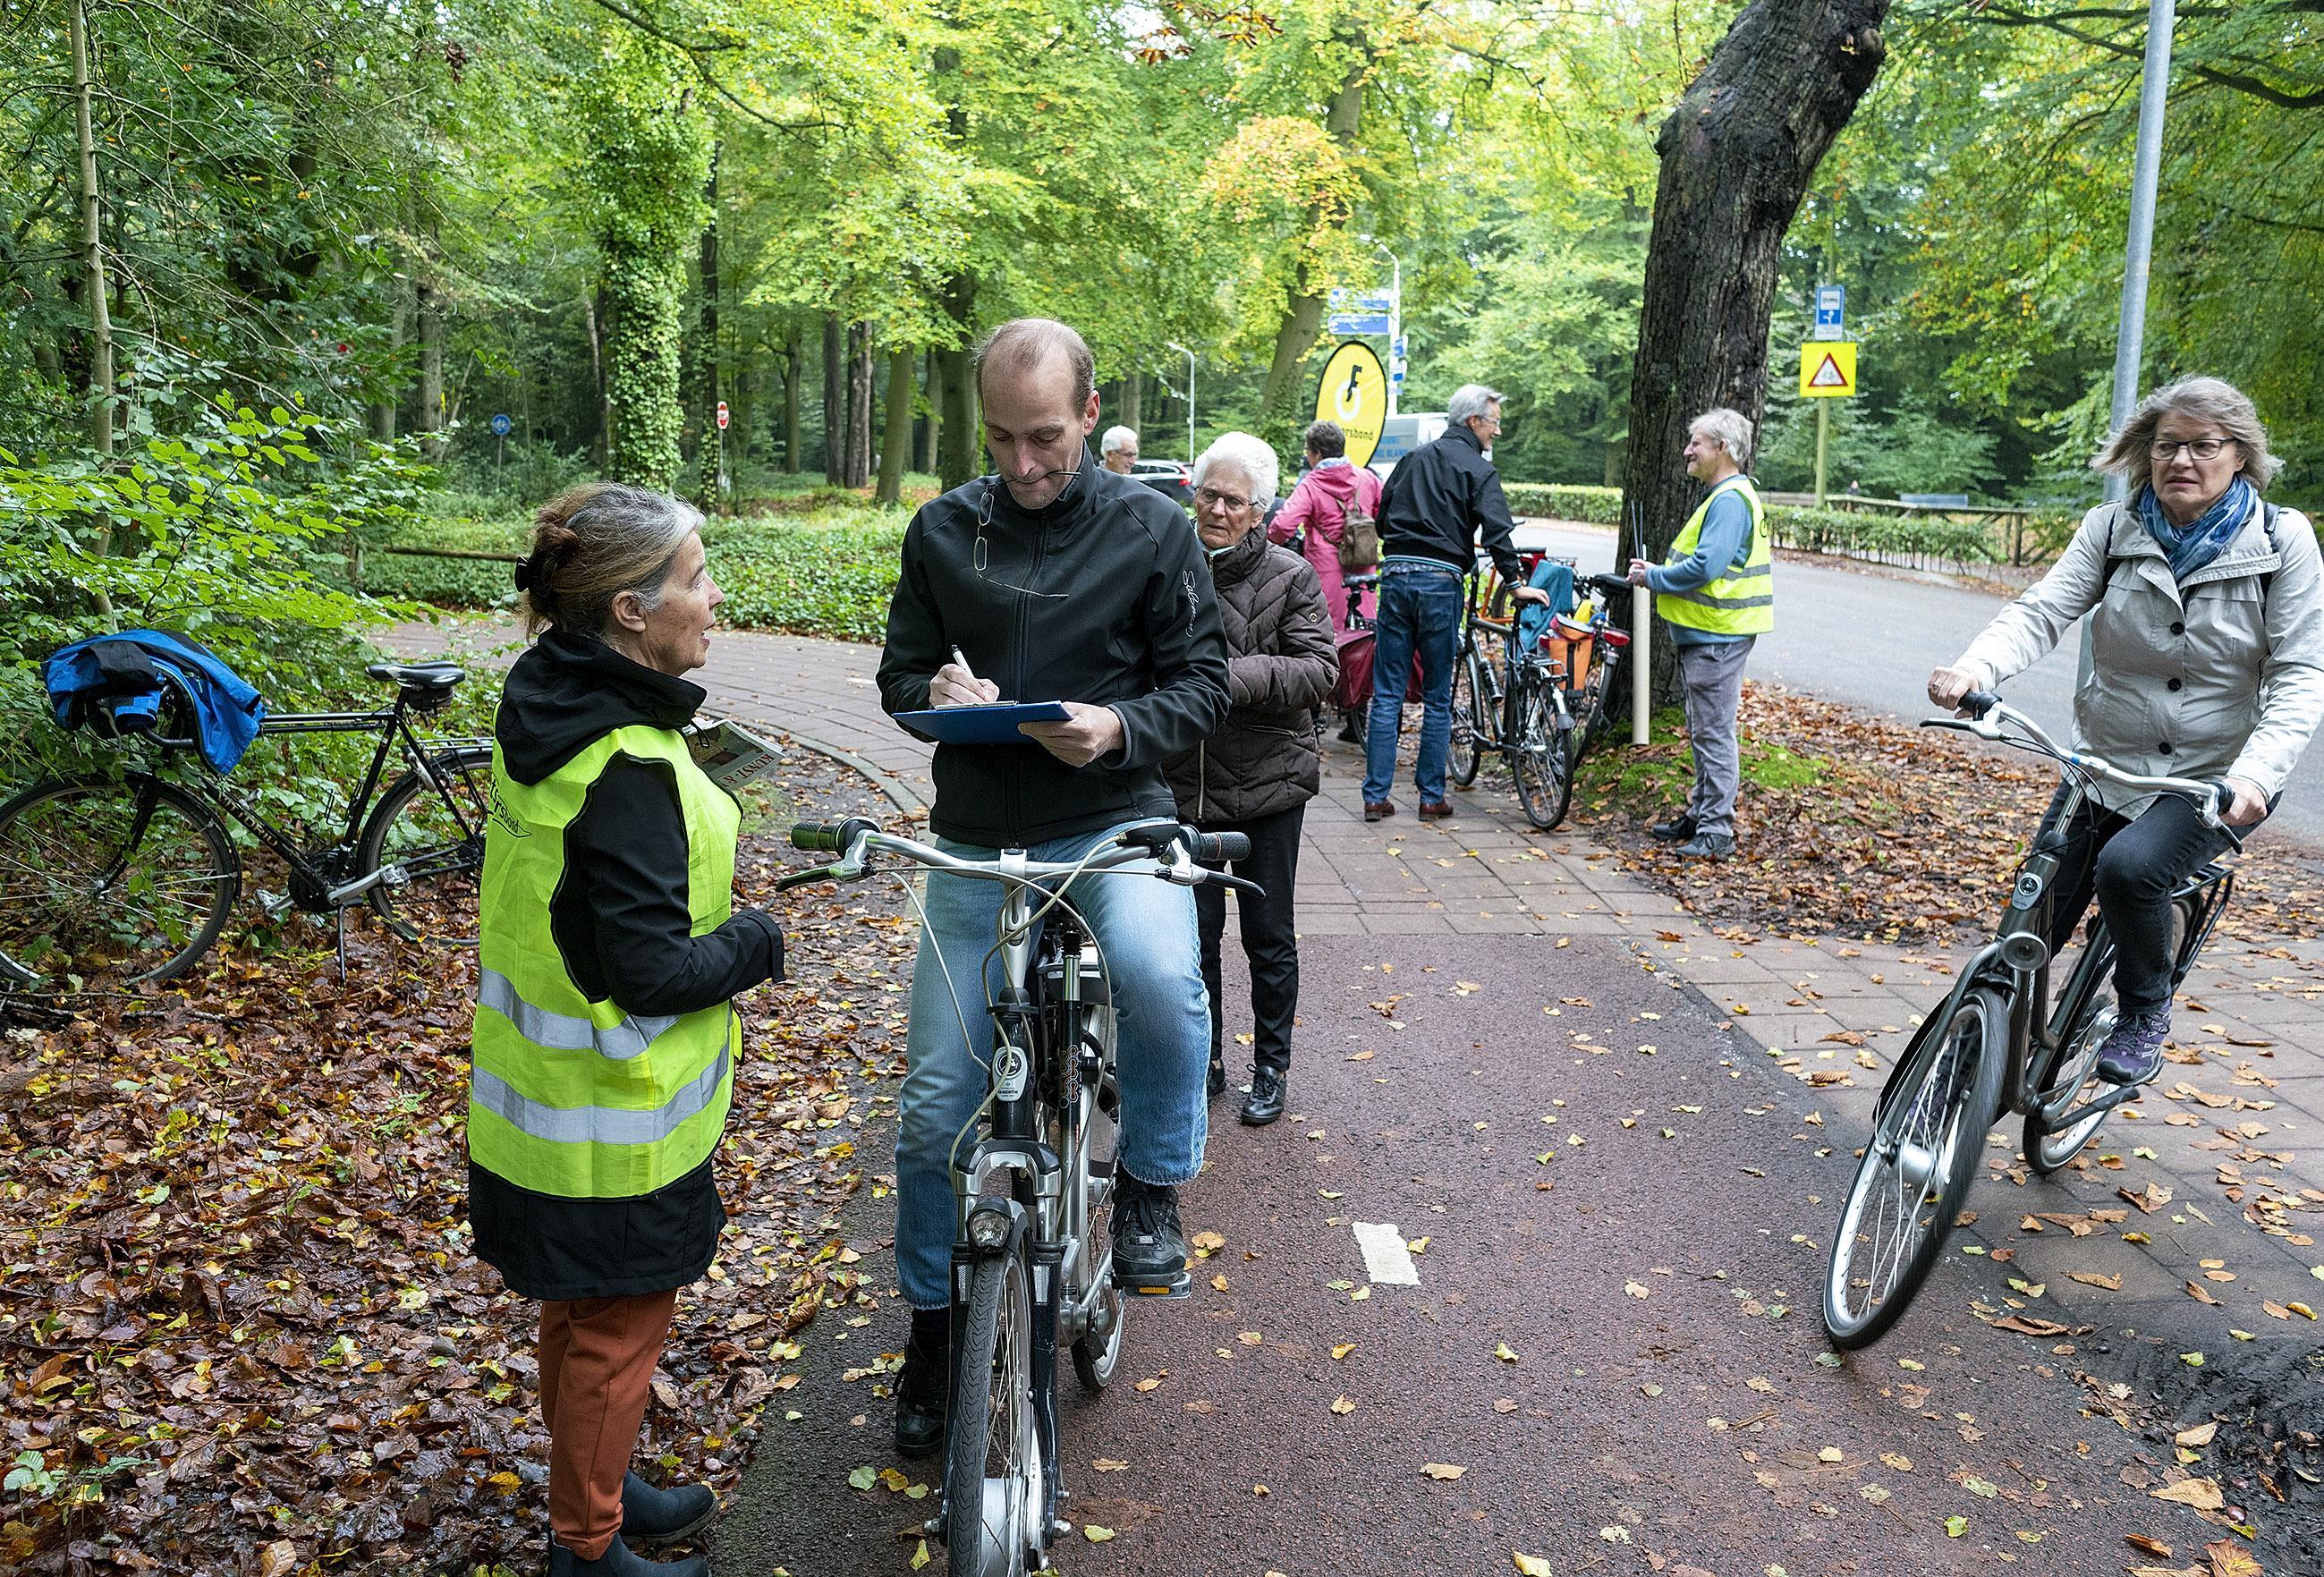 De gemeente wil autoverkeer naar Schoorl niet door het dorp laten rijden, maar dat gaat ten koste van de voorrang voor fietsers. 'Het botst met het beleid', zegt de Fietsersbond